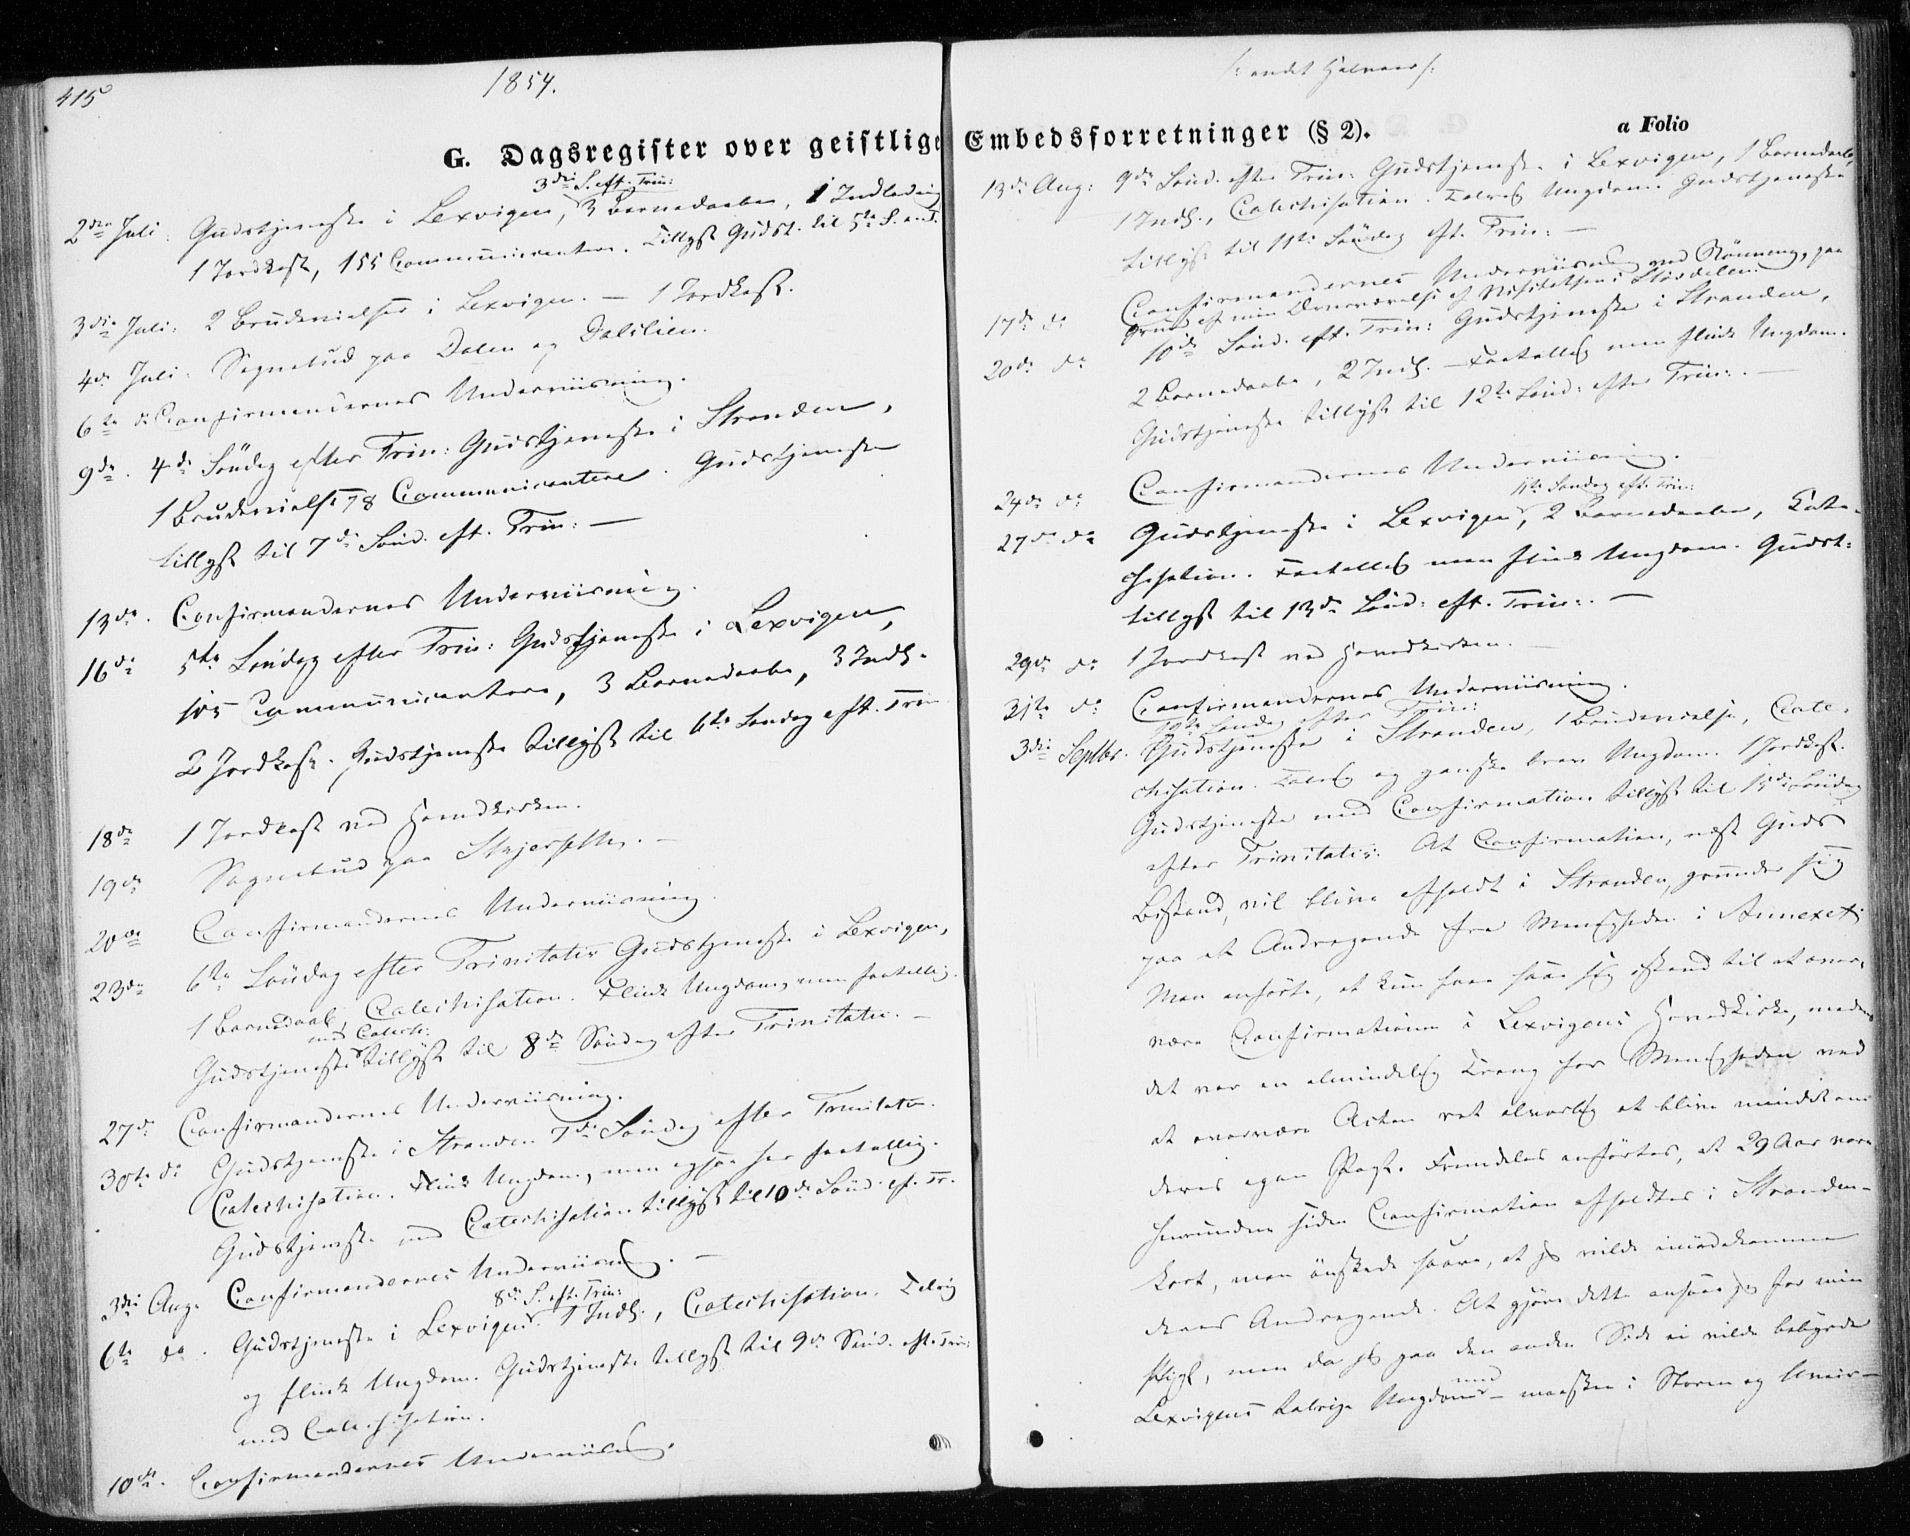 SAT, Ministerialprotokoller, klokkerbøker og fødselsregistre - Nord-Trøndelag, 701/L0008: Ministerialbok nr. 701A08 /1, 1854-1863, s. 415